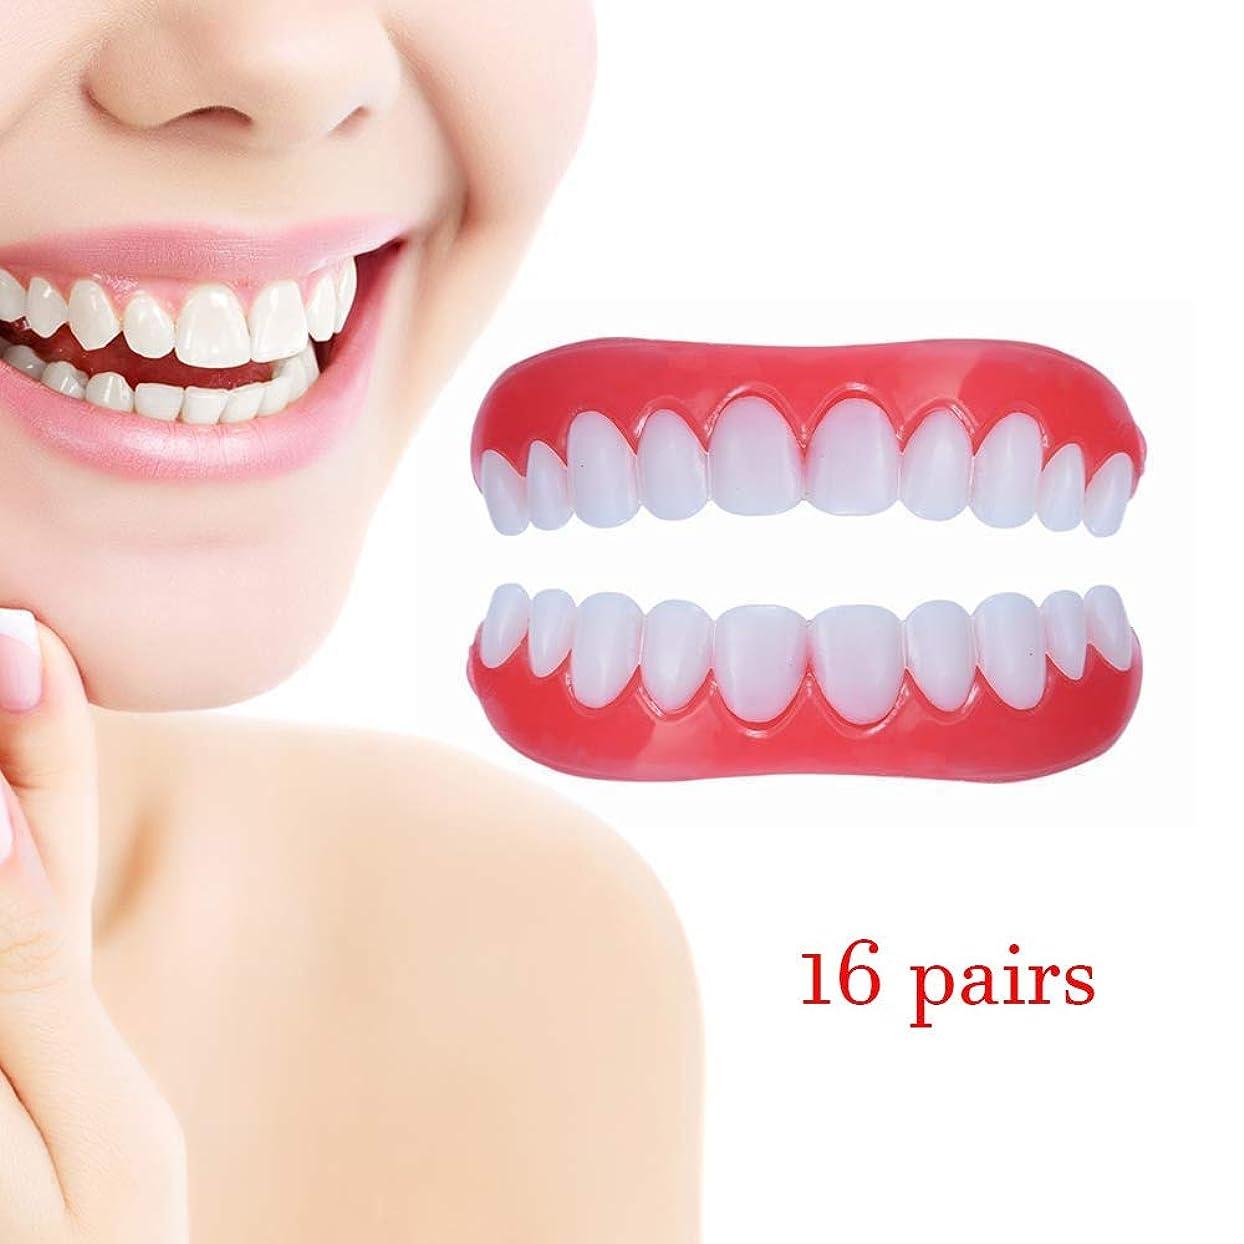 アヒル間違えたドキュメンタリー16ペア偽歯ステッカーシミュレーション歯ホワイトニング入れ歯ペーストブレース上下歯カバーツール完璧な笑顔コンフォート歯突き板 サイズが一番合う